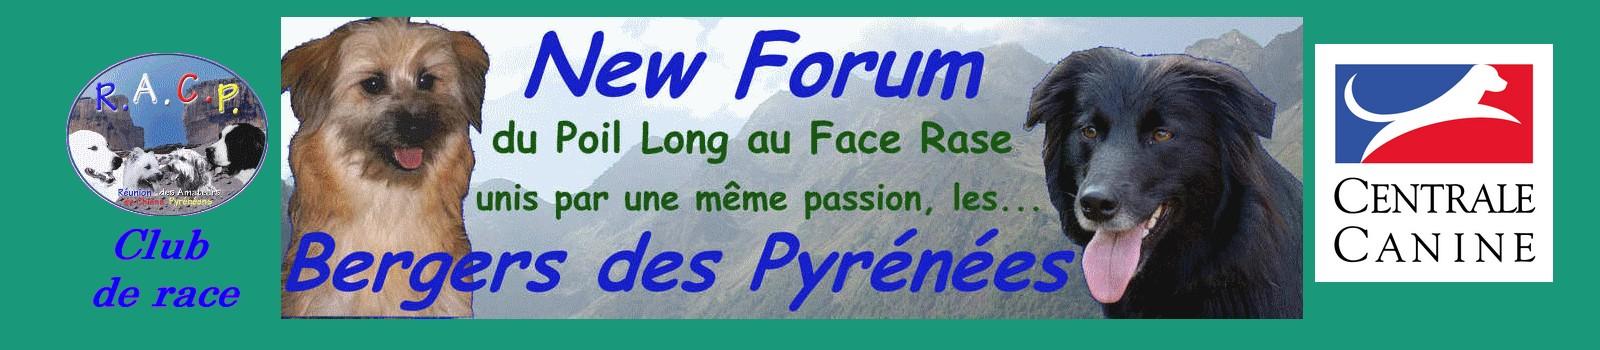 Bienvenue sur New Forum Bergers des Pyrénées